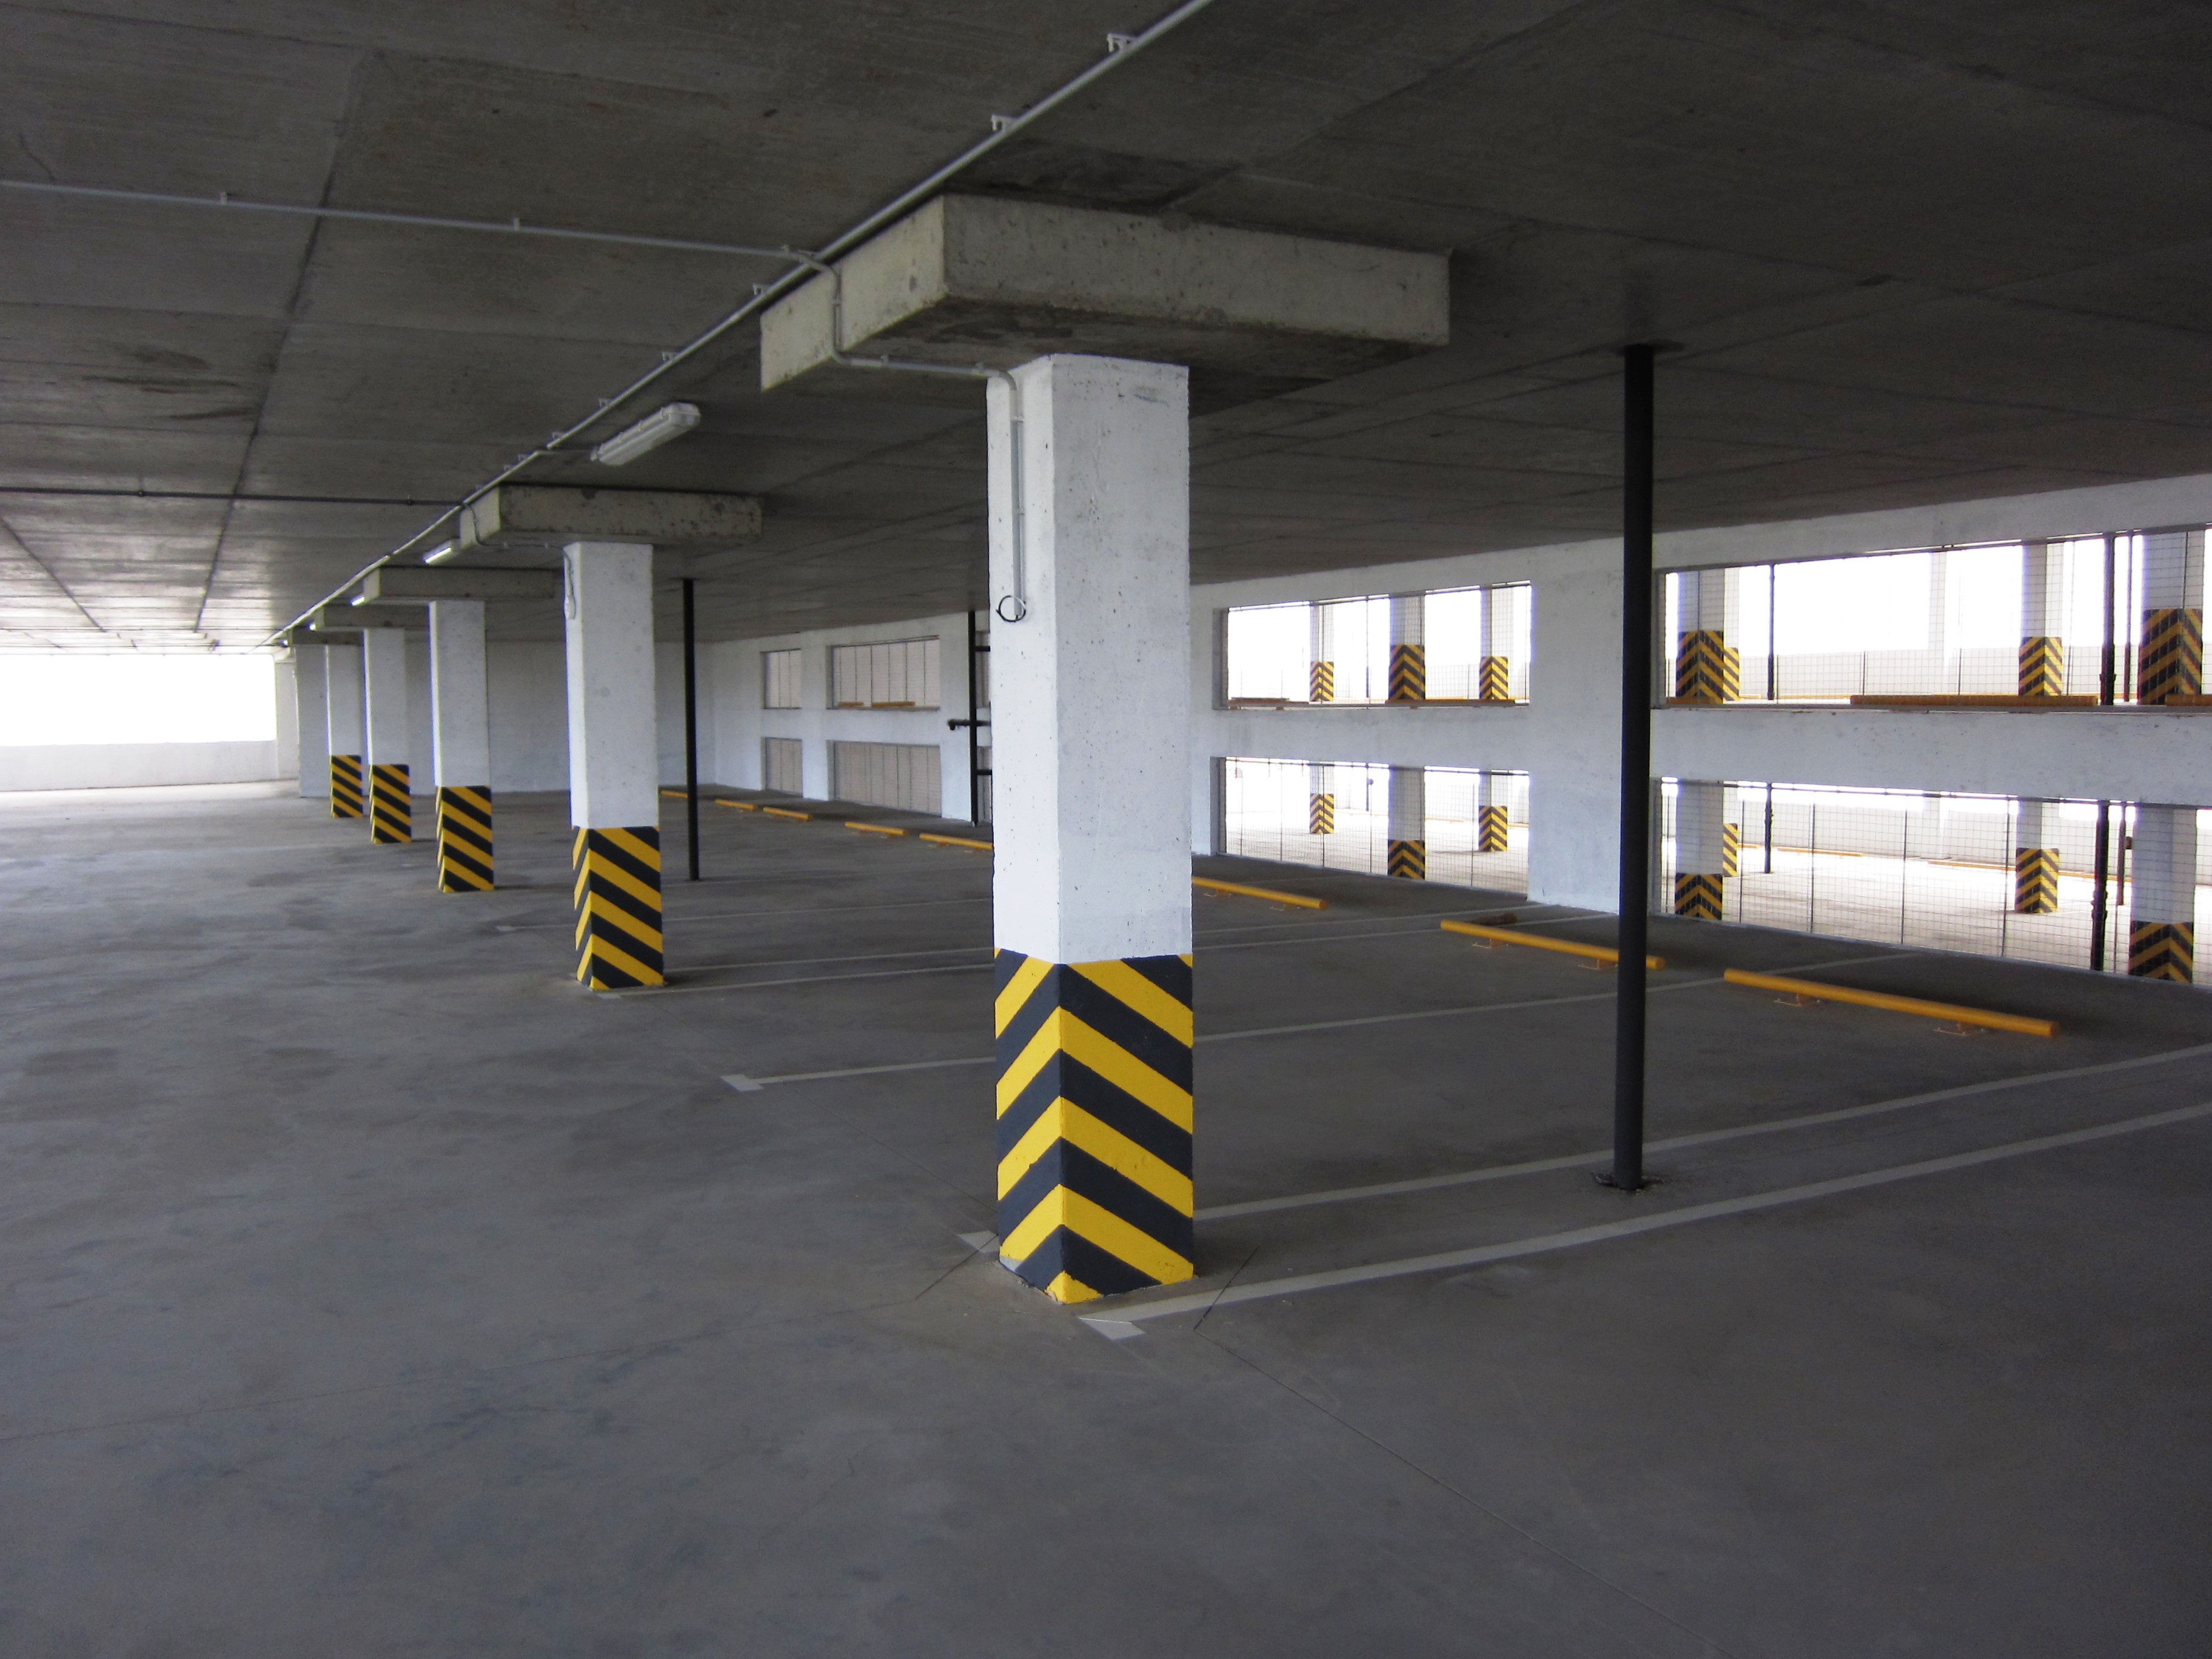 12-й многоуровневый паркинг открыт для паркования в СВАО